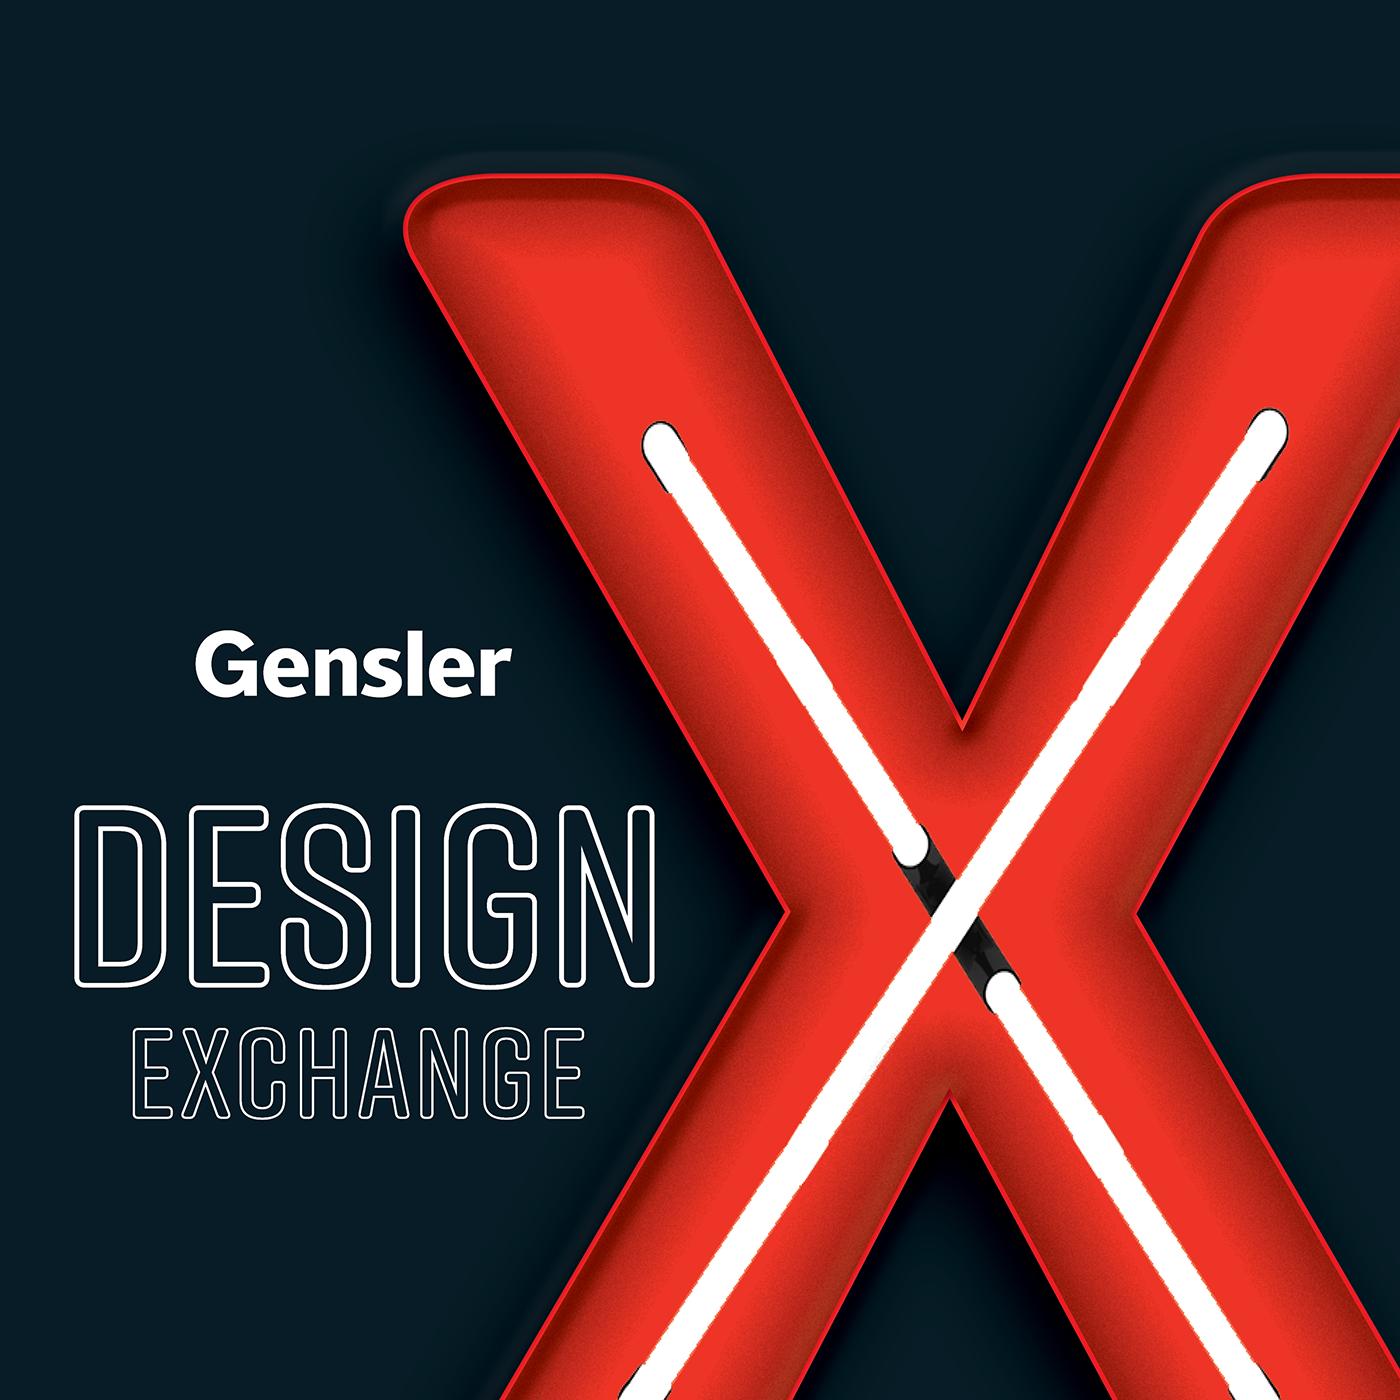 Gensler Design Exchange show art